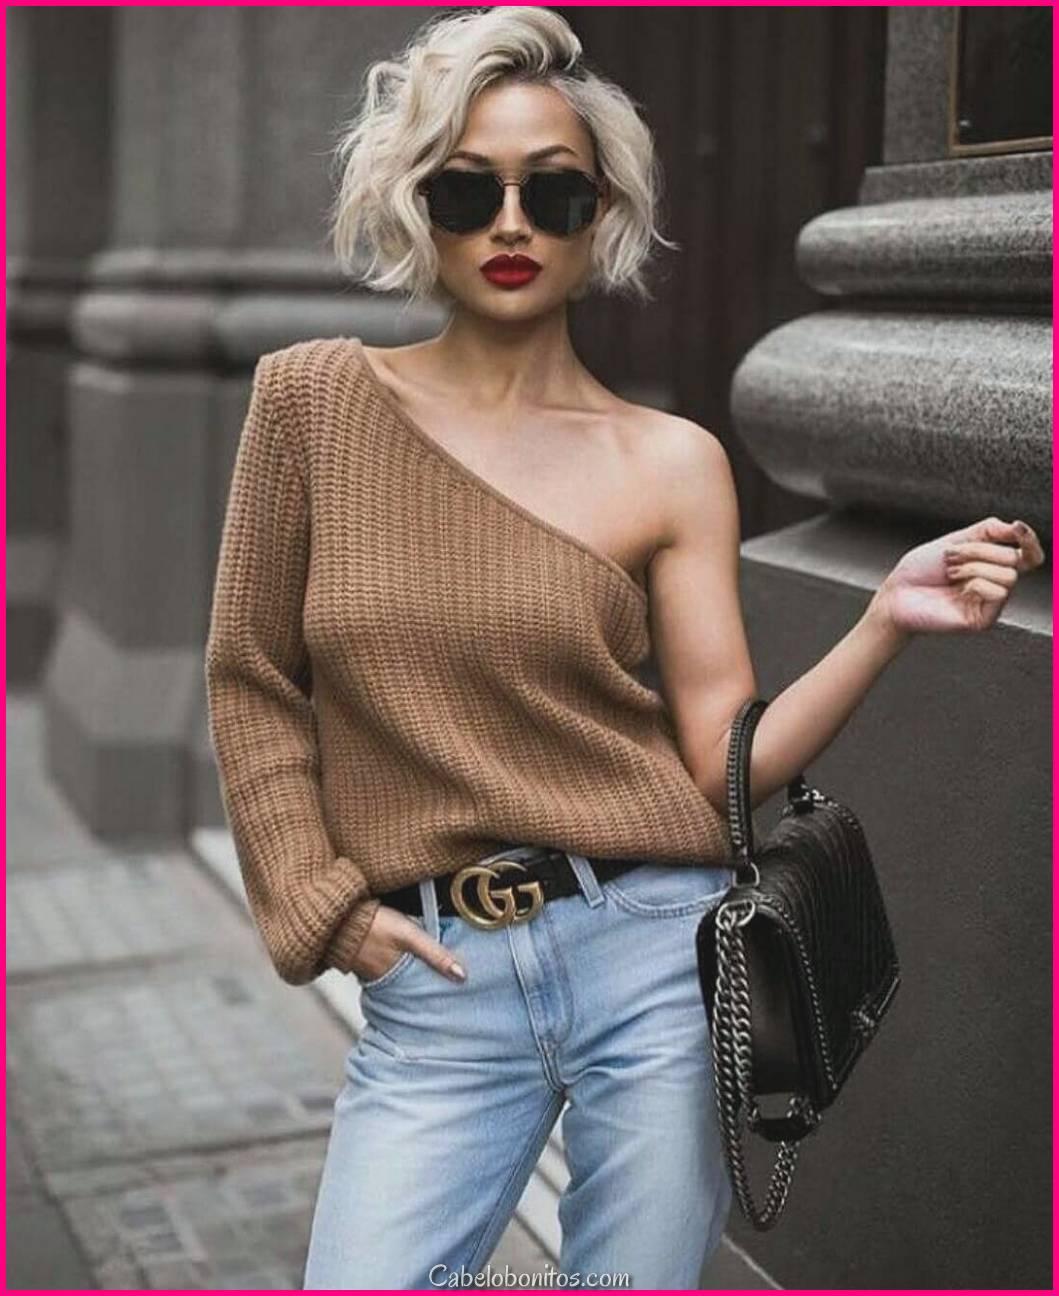 50 novas ideias de cabelo loiro limitado para atualizar seu estilo